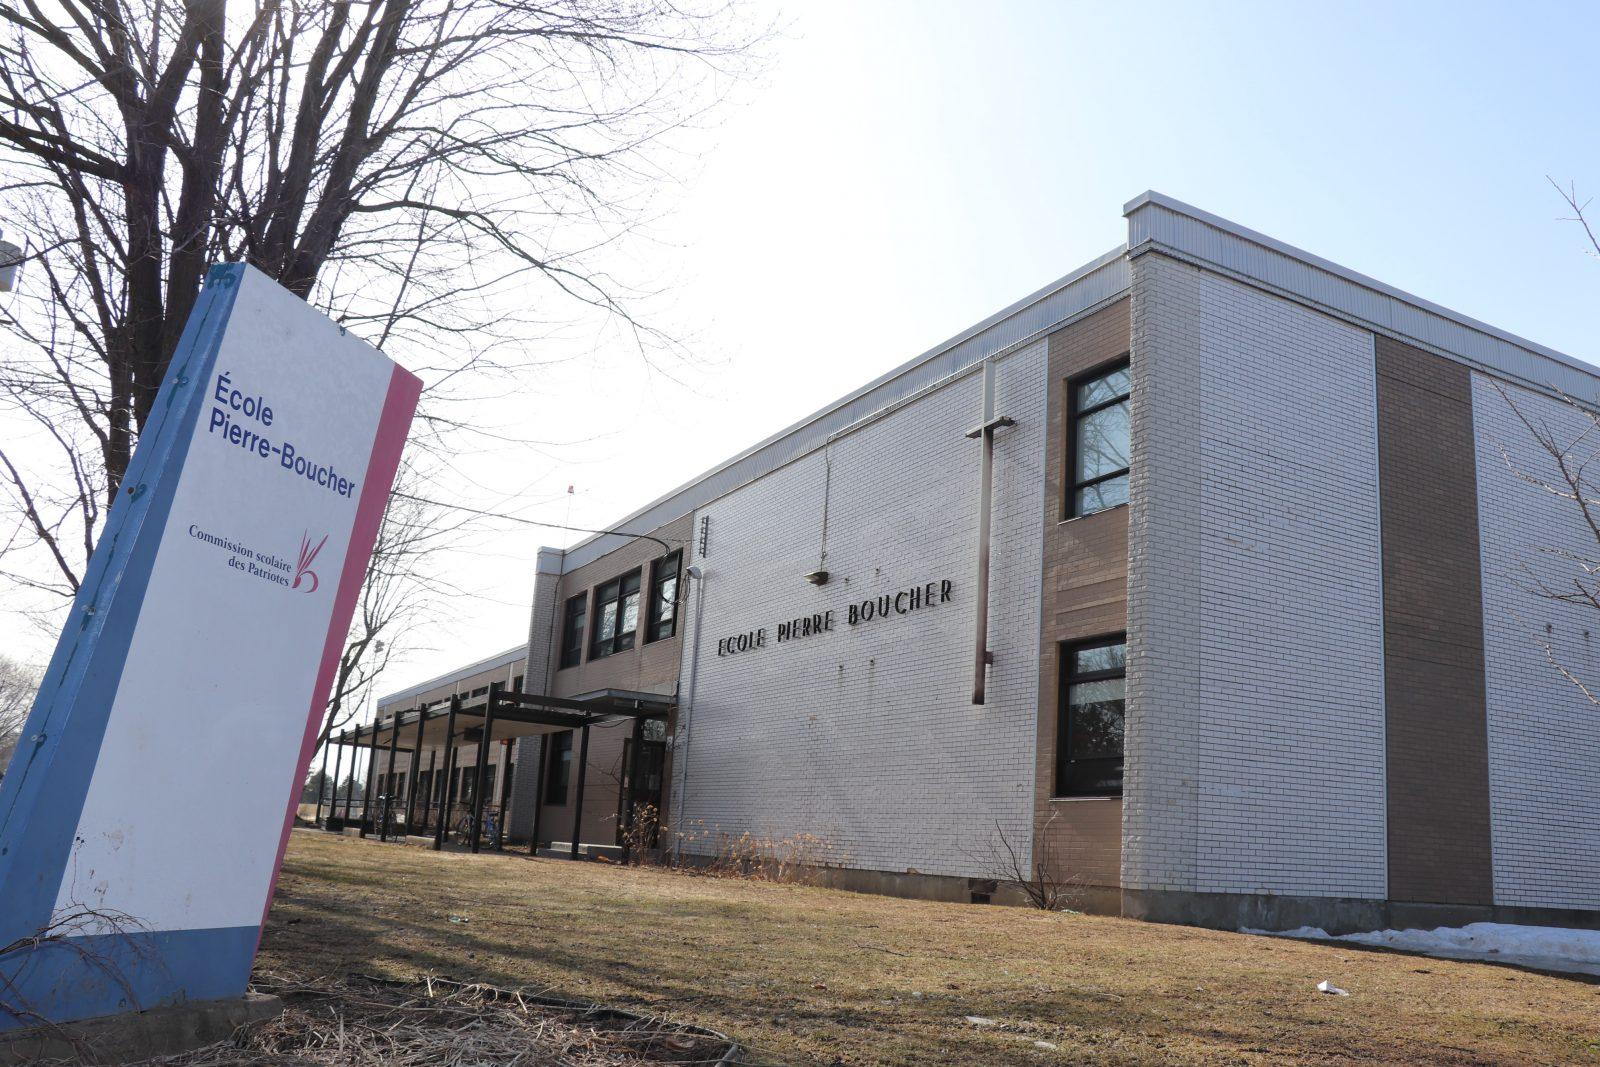 La Ville de Boucherville s'oppose au mégaprojet d'agrandissement de l'école Pierre-Boucher